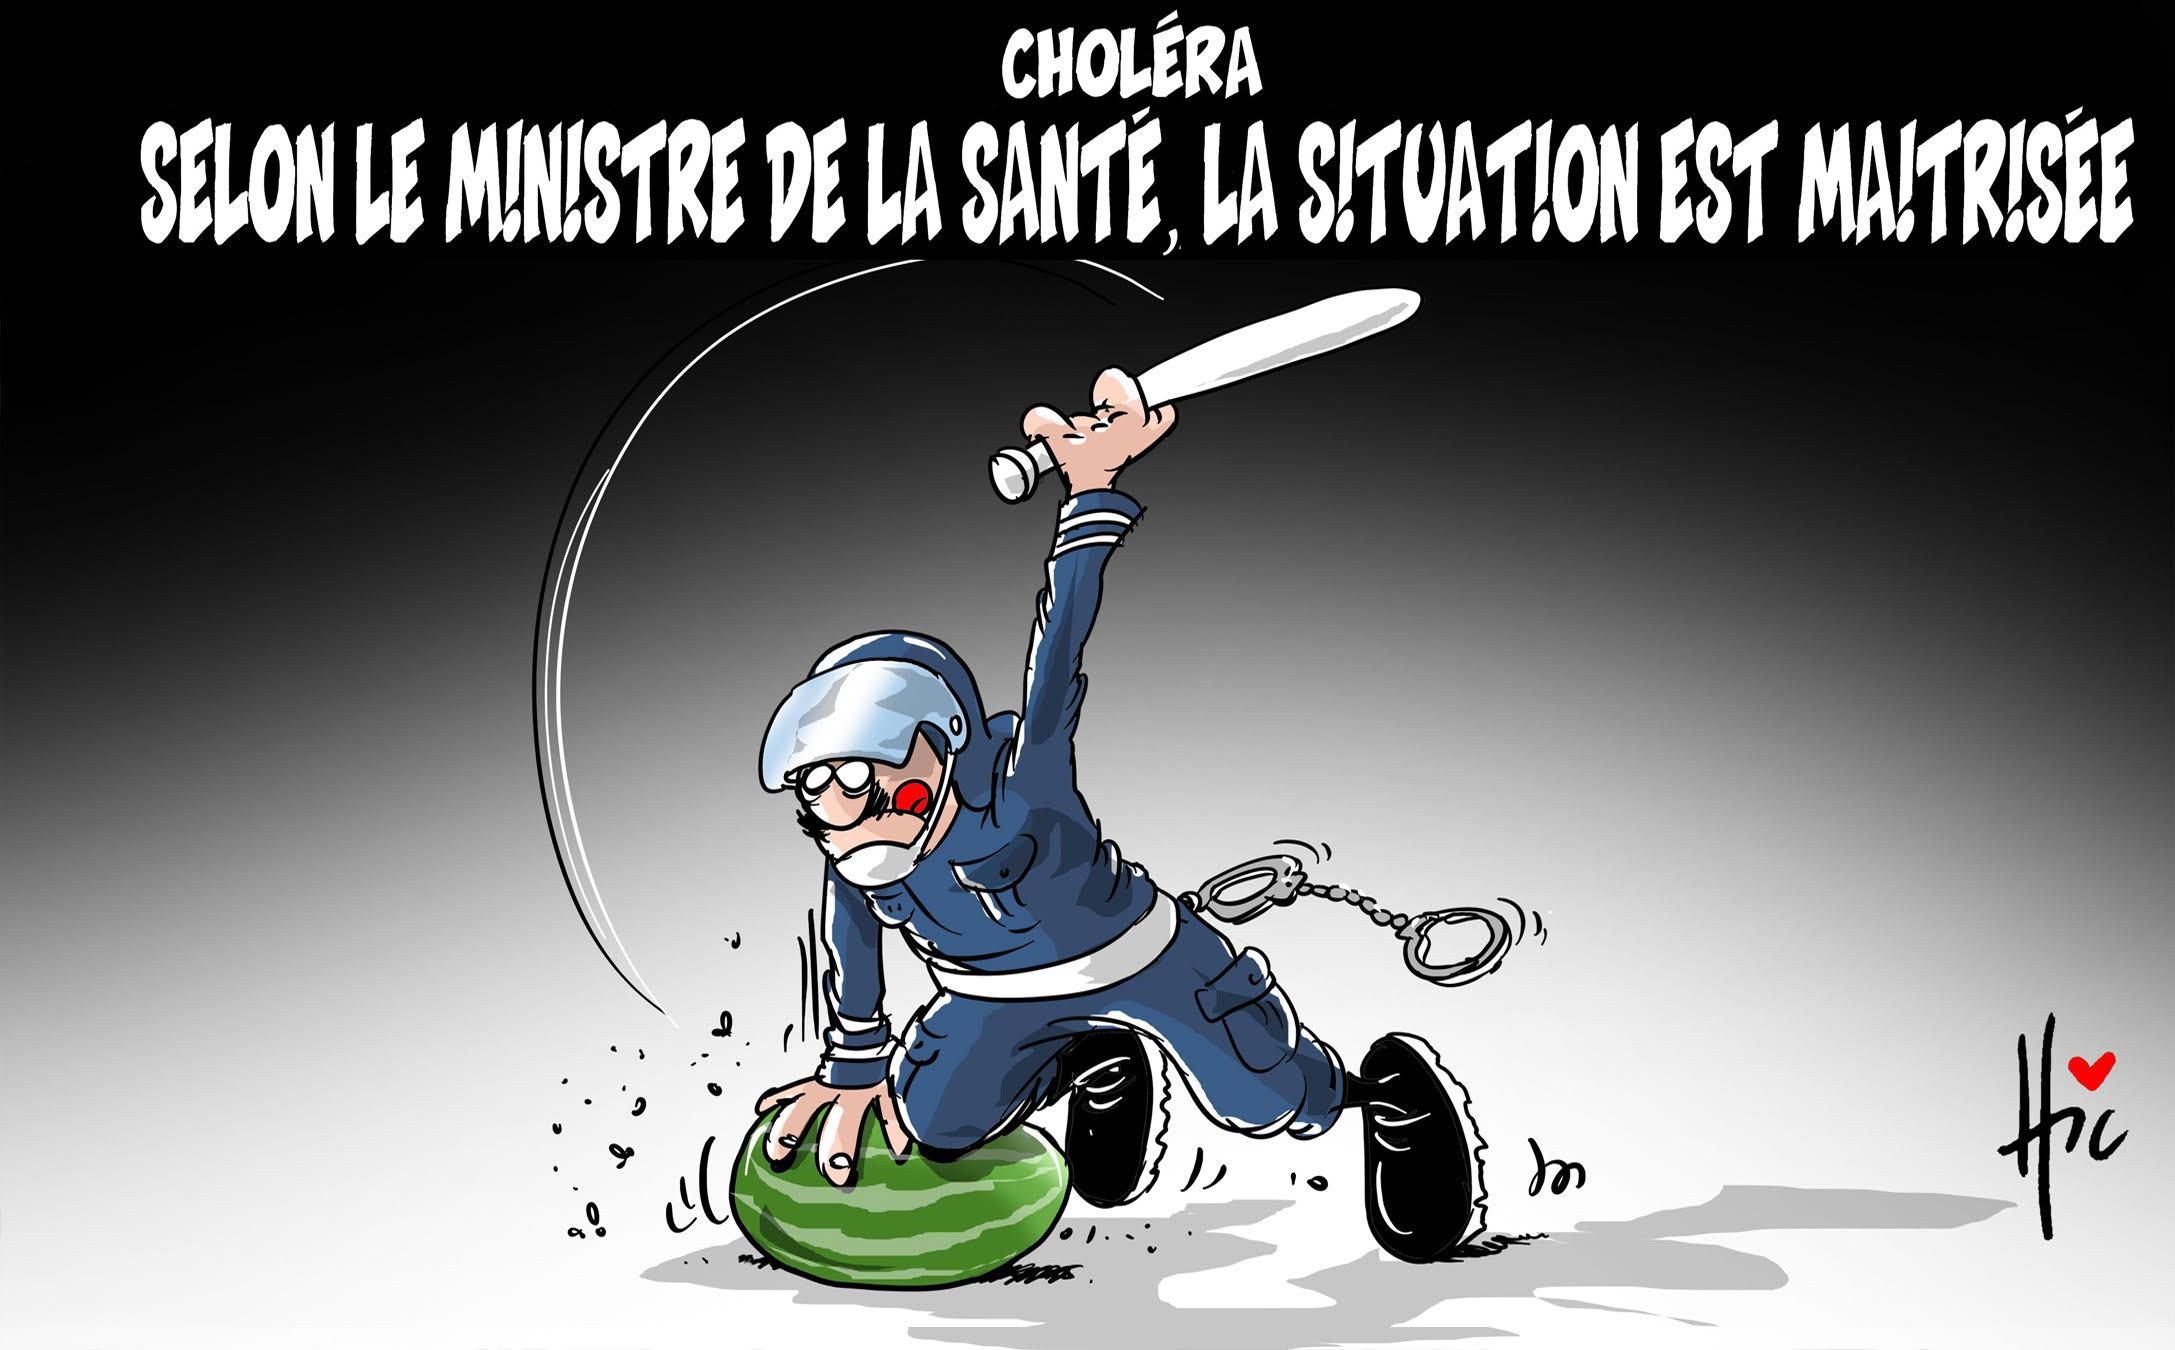 Choléra : Selon le ministre de la santé la situation est maîtrisée - santé - Gagdz.com